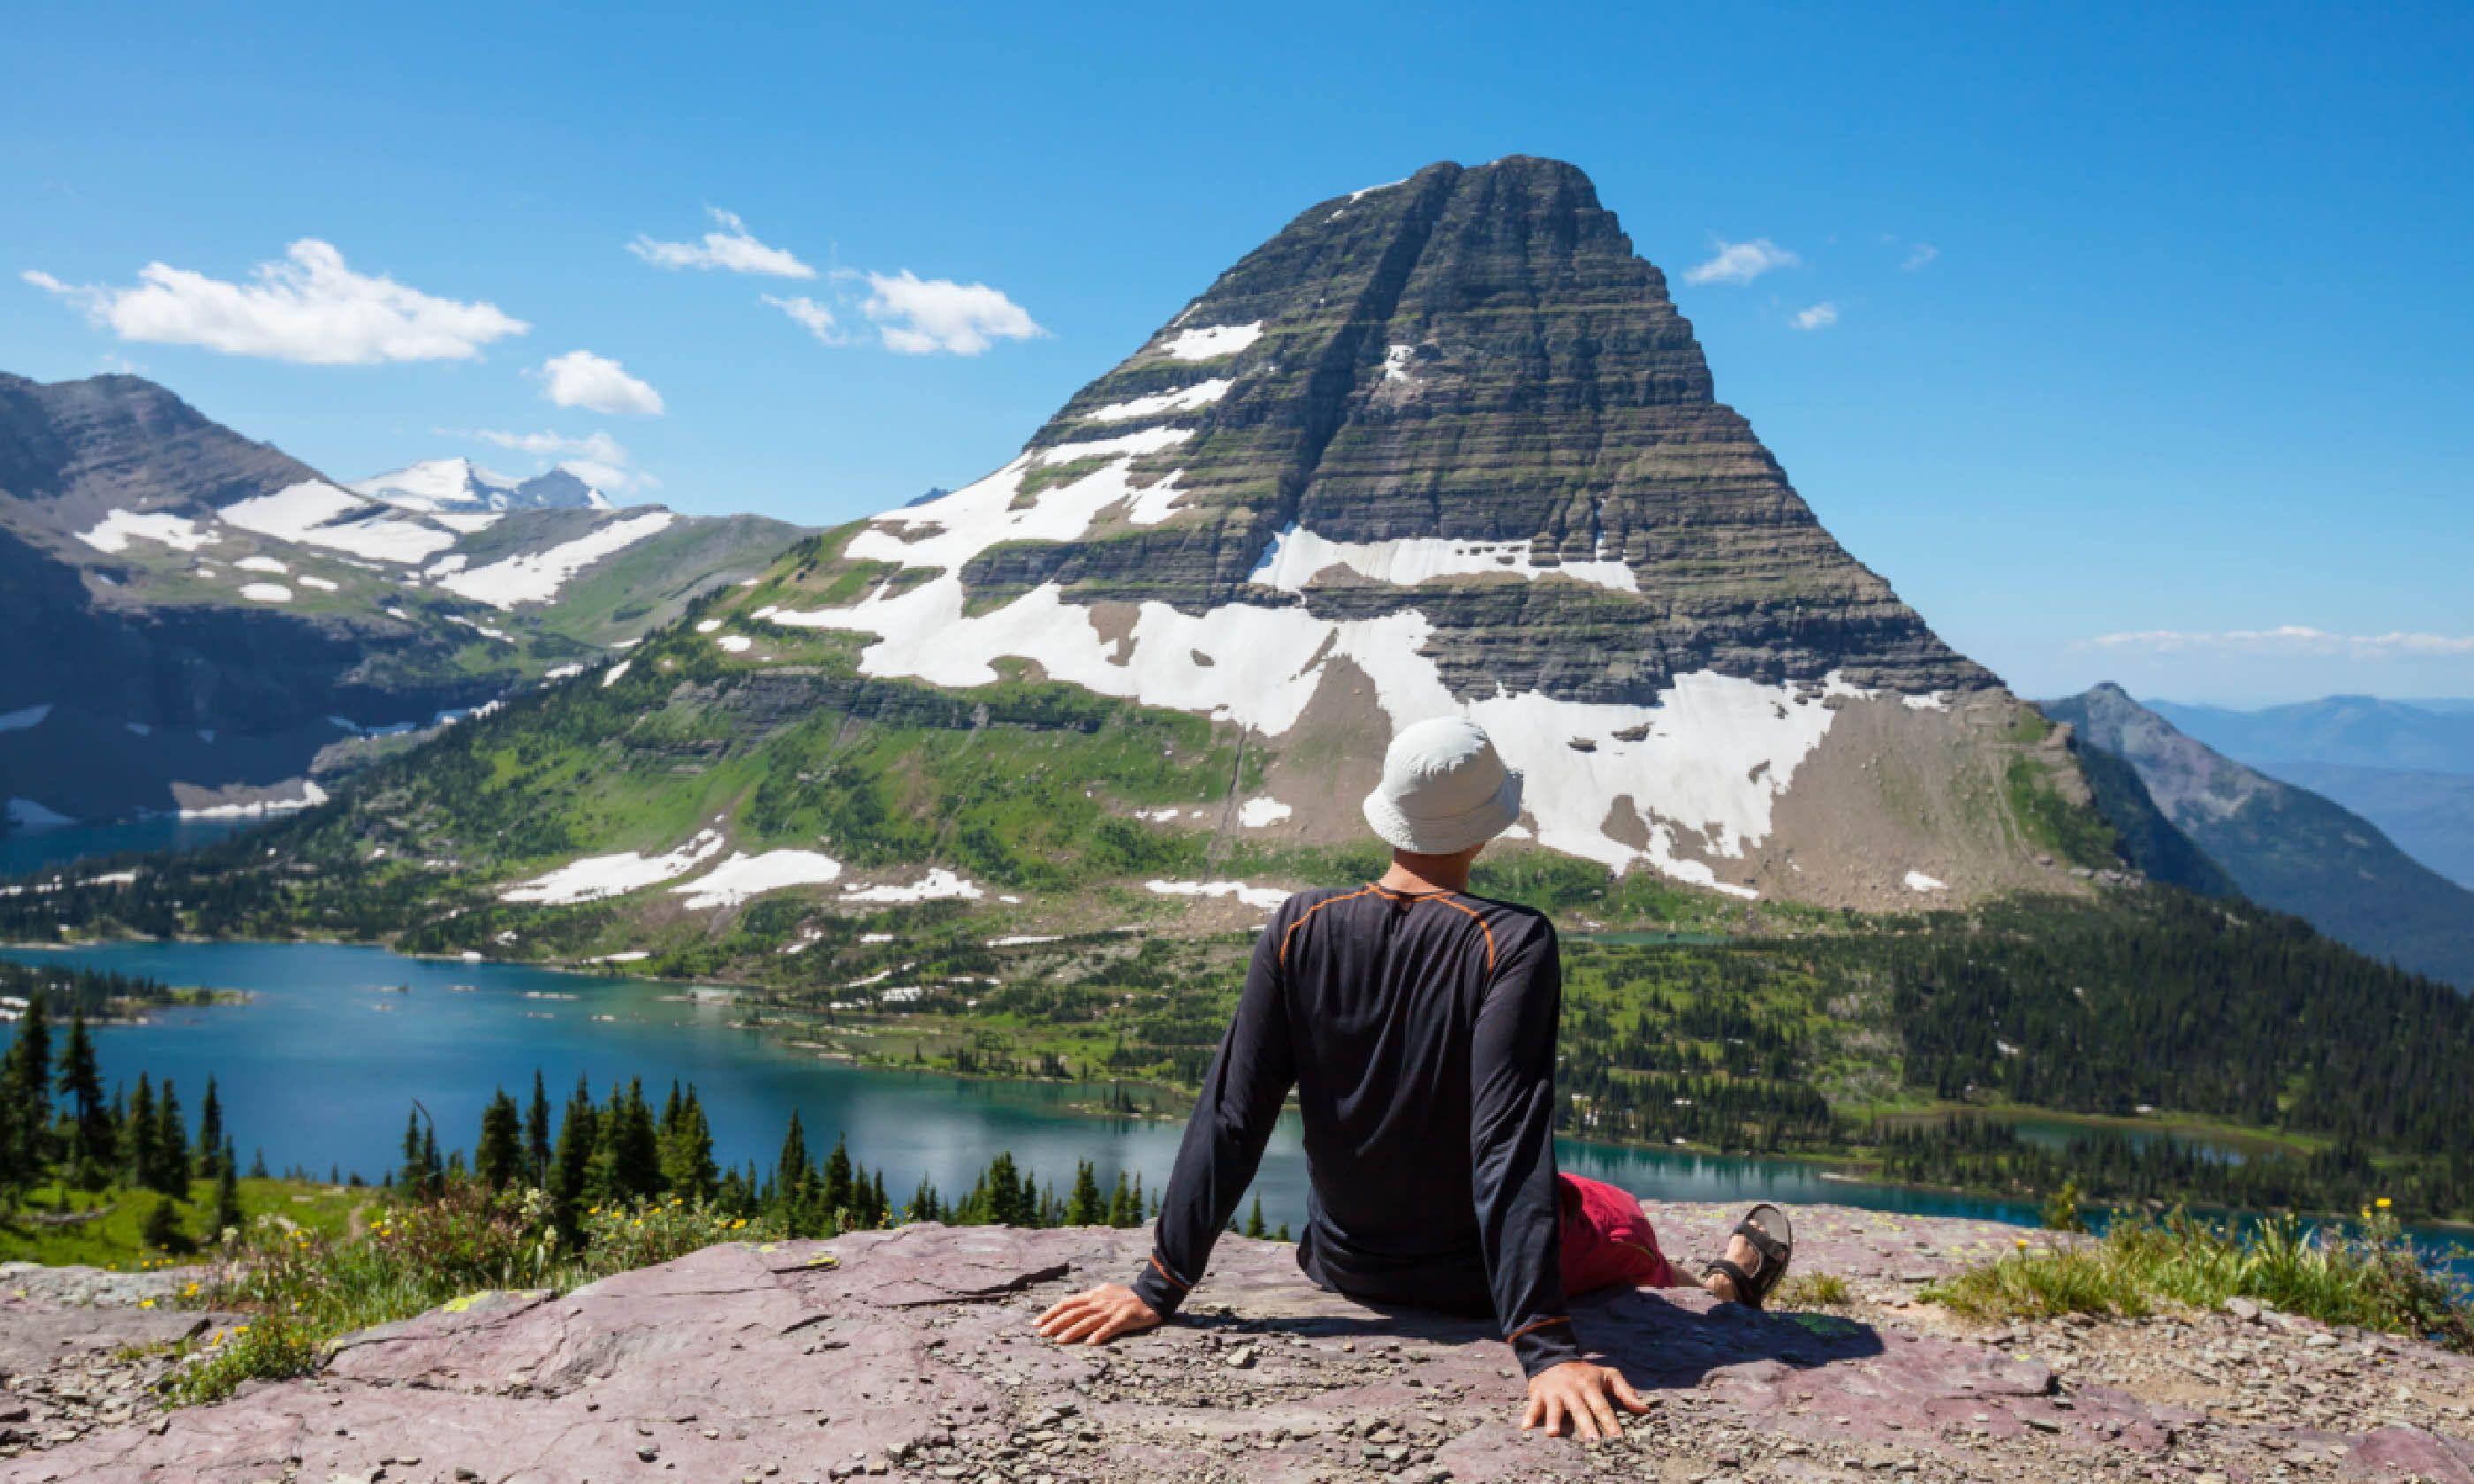 Glacier National Park (Shutterstock)